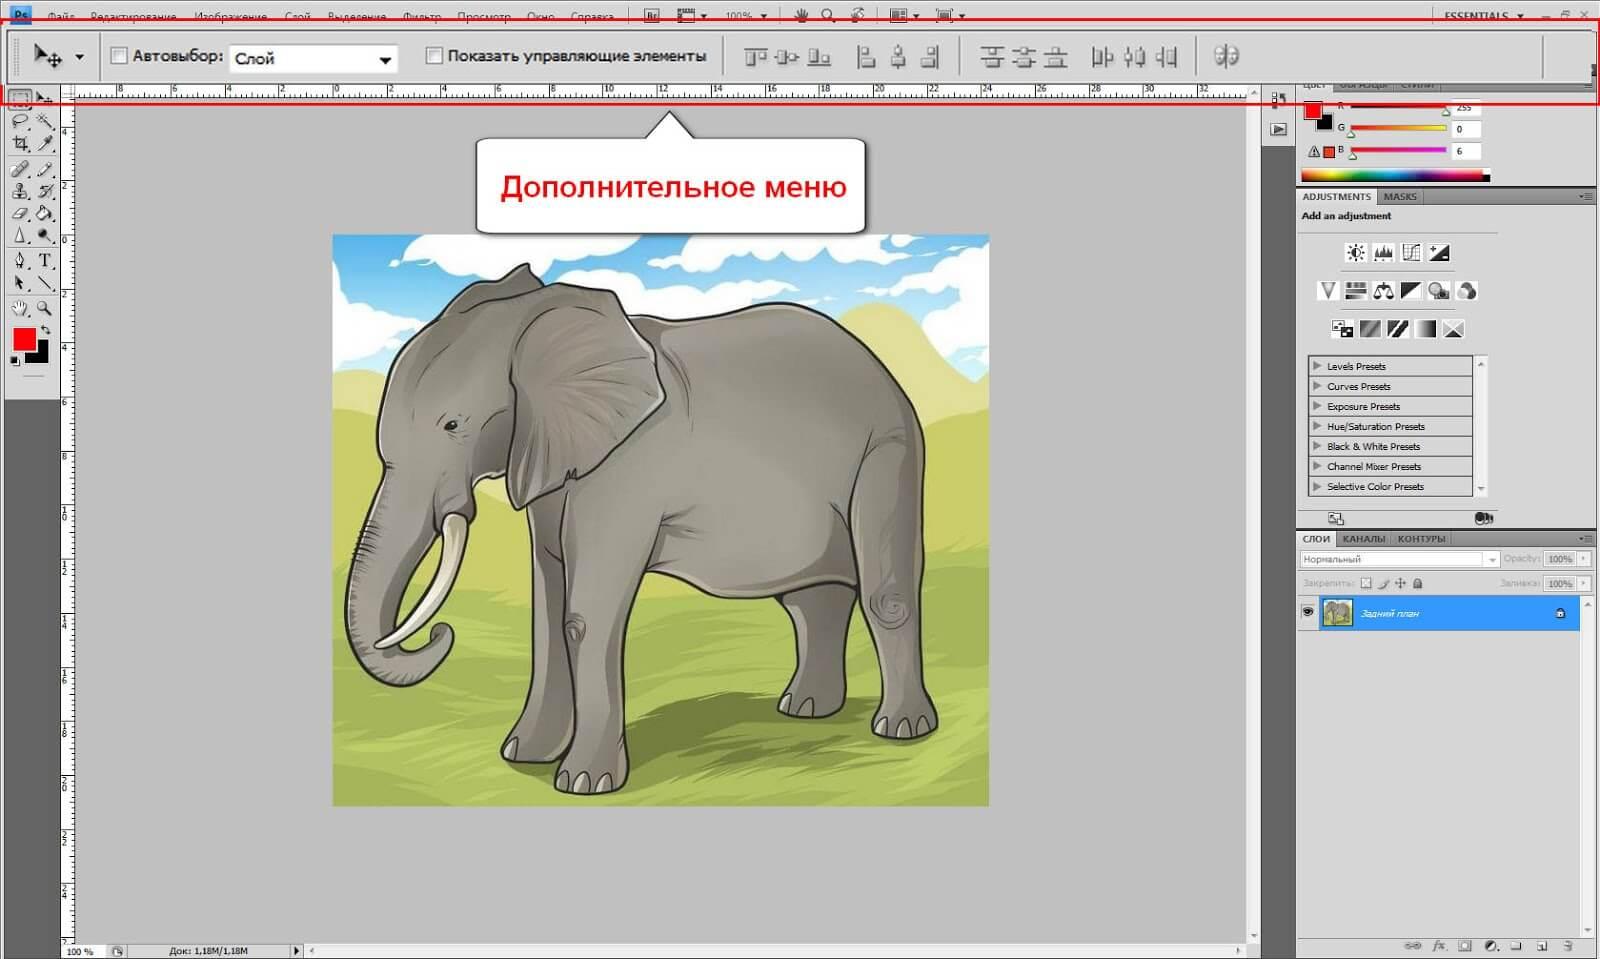 дополнительное меню Photoshop